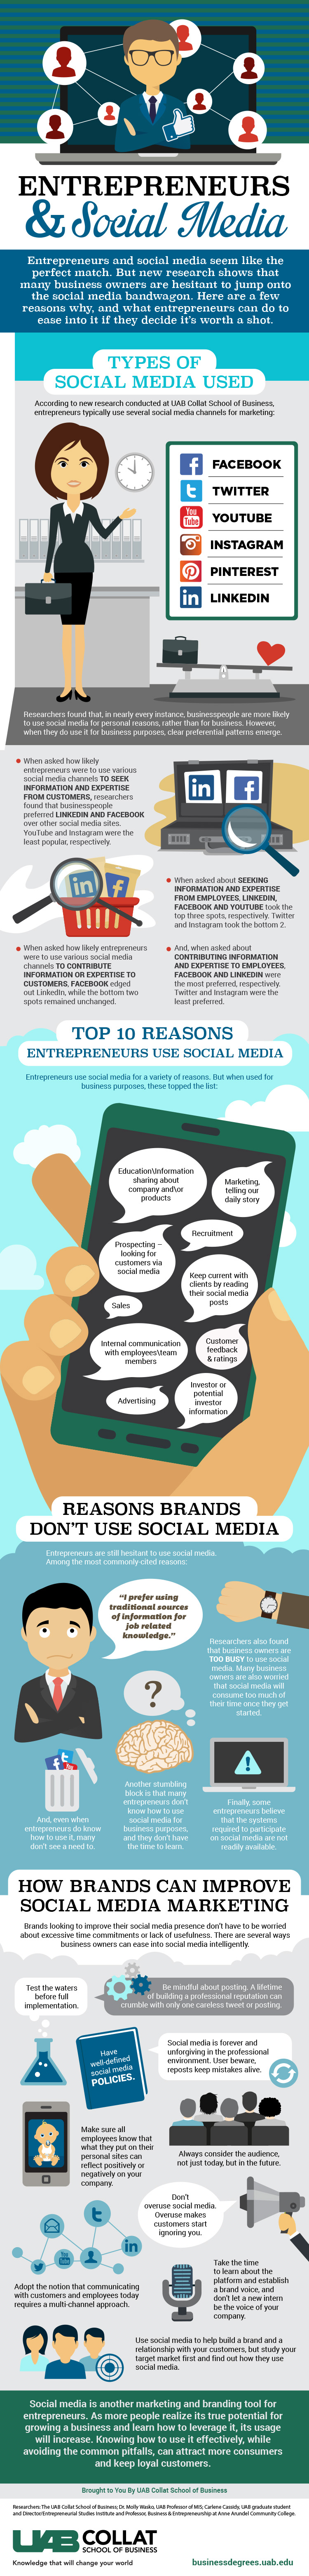 UAB-Entrepreneurs-Social-Media.jpg